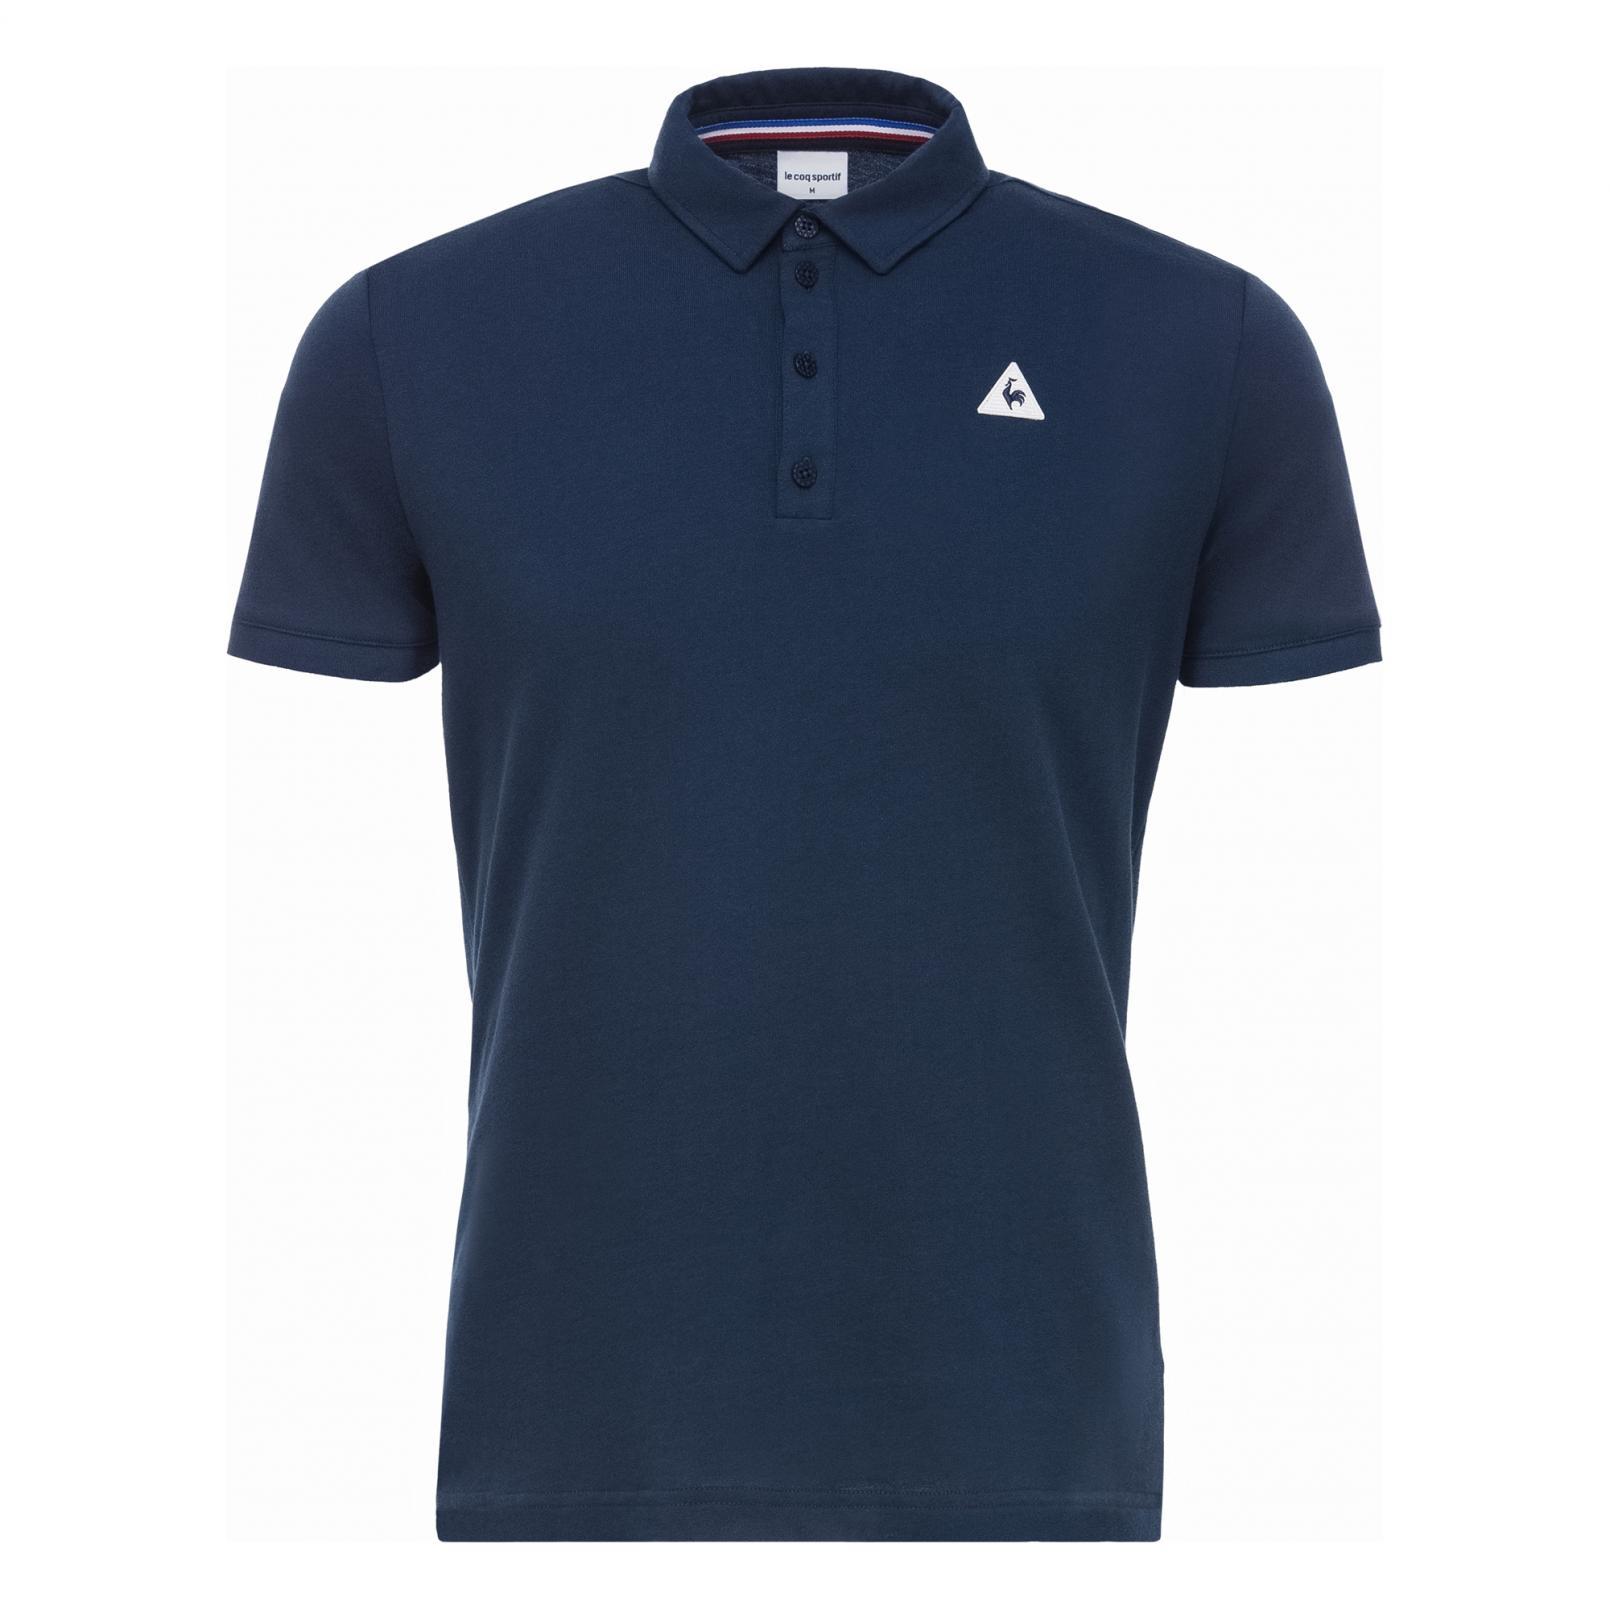 Polo – Le Coq Sportif Essentiels Polo Blue/Black